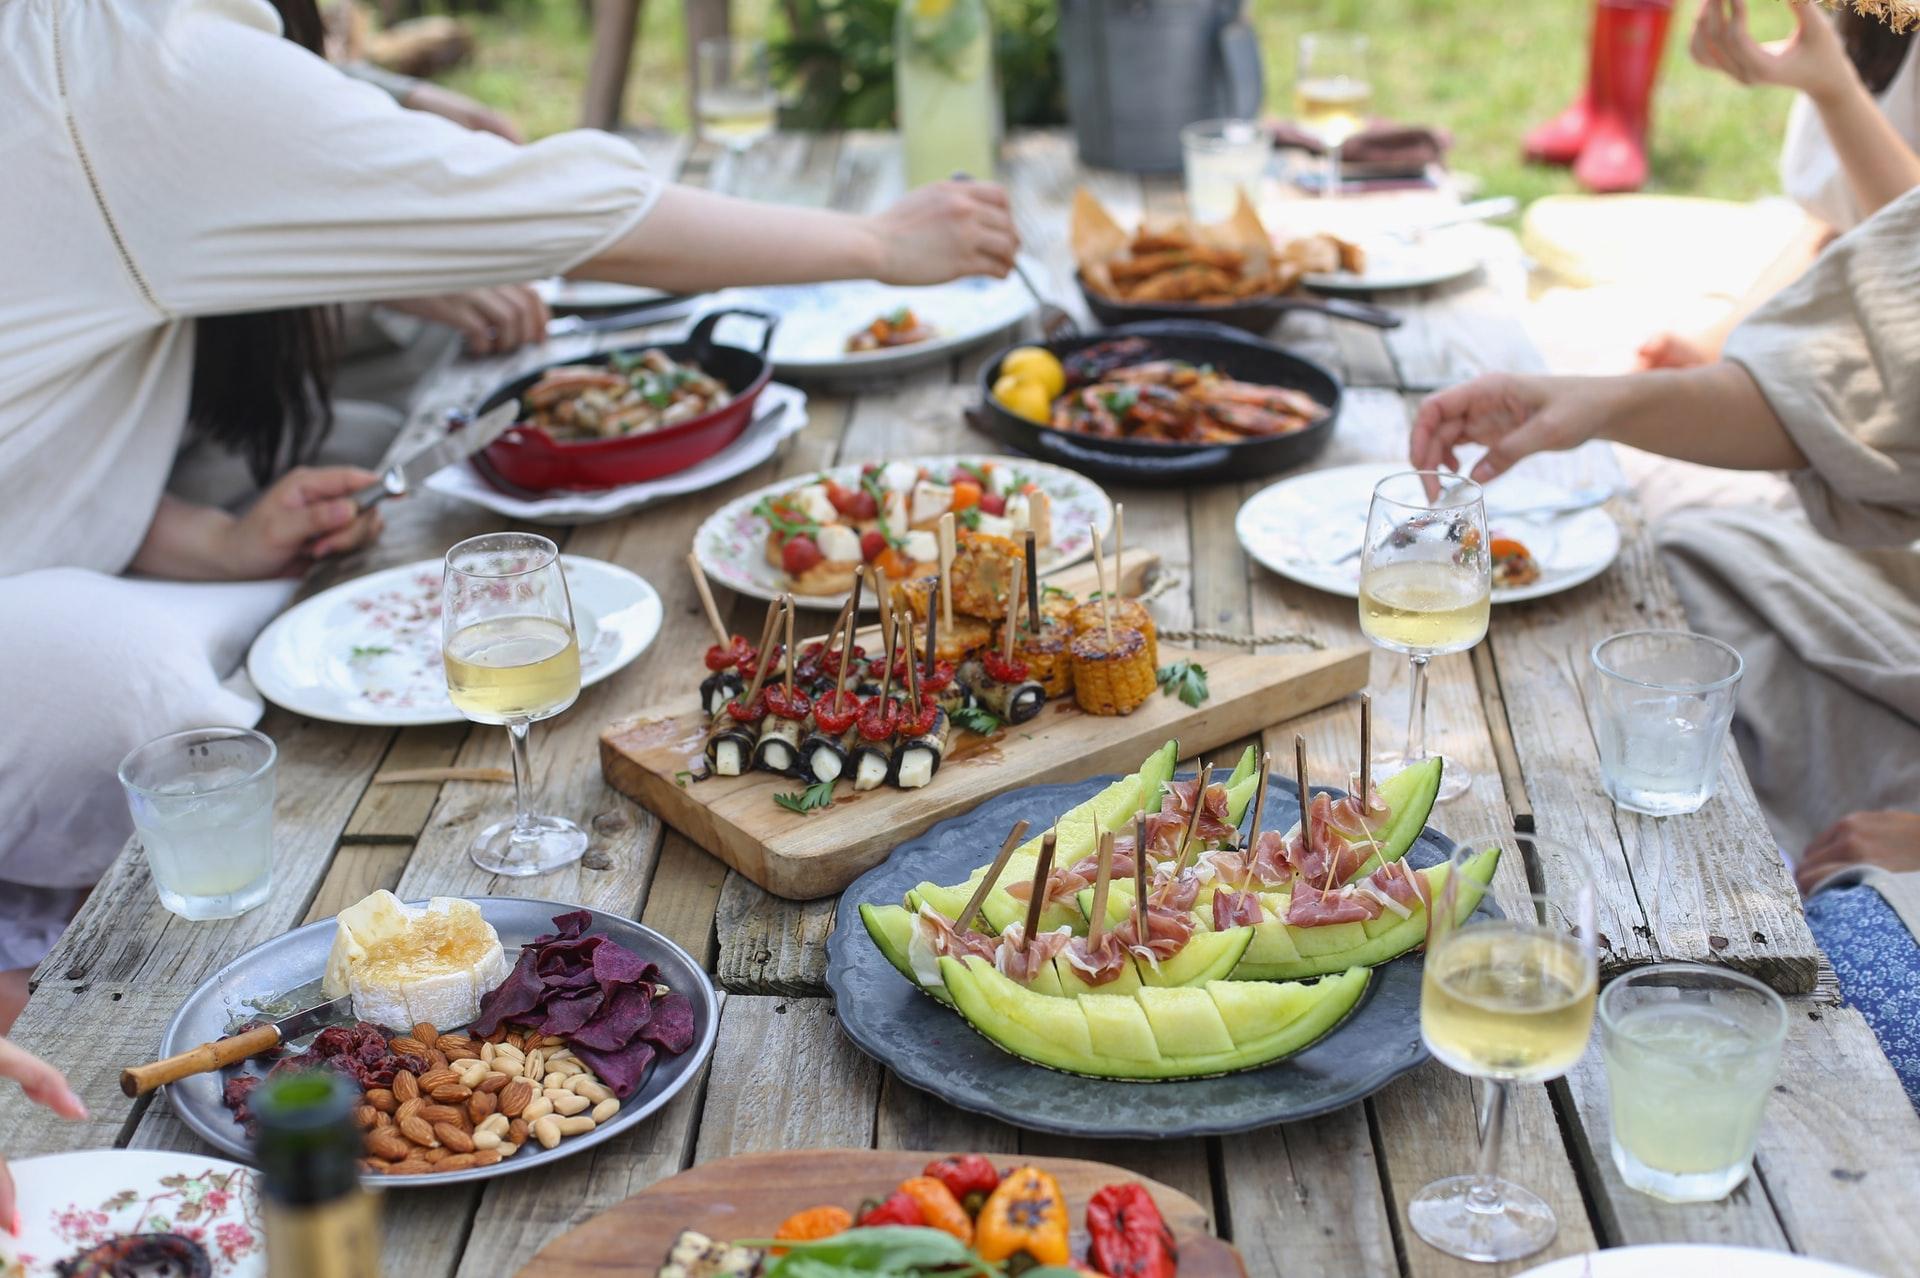 Best Food and Wine Spots in Nelson - Tasman